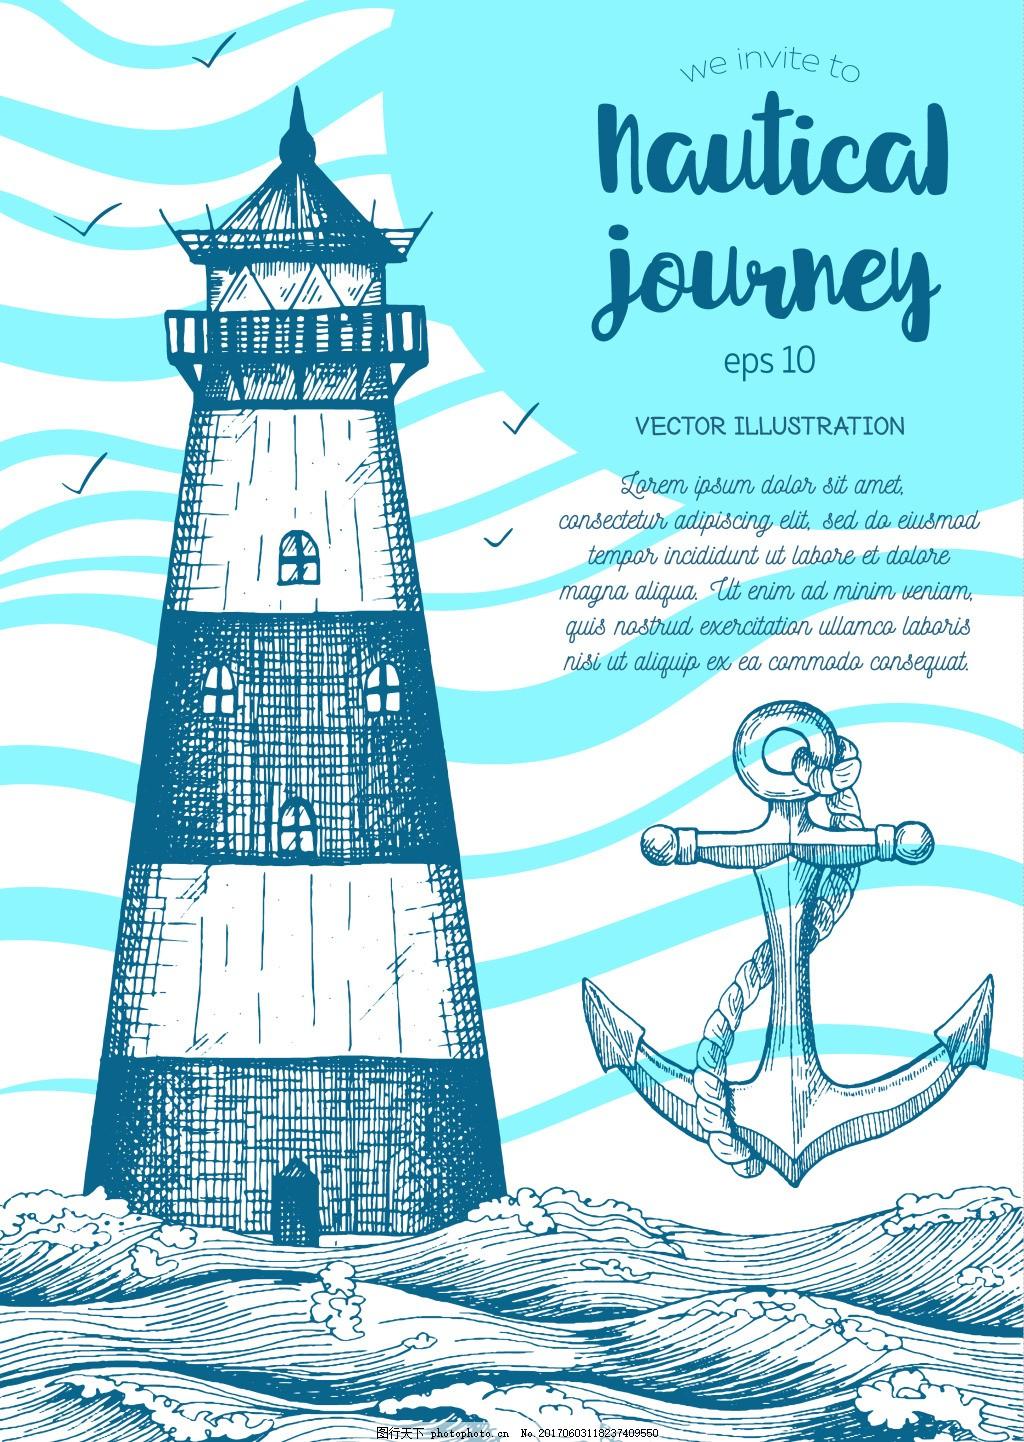 蓝色铅笔画海洋灯塔航海矢量源文件设计素材 简笔 船锚 复古 海浪